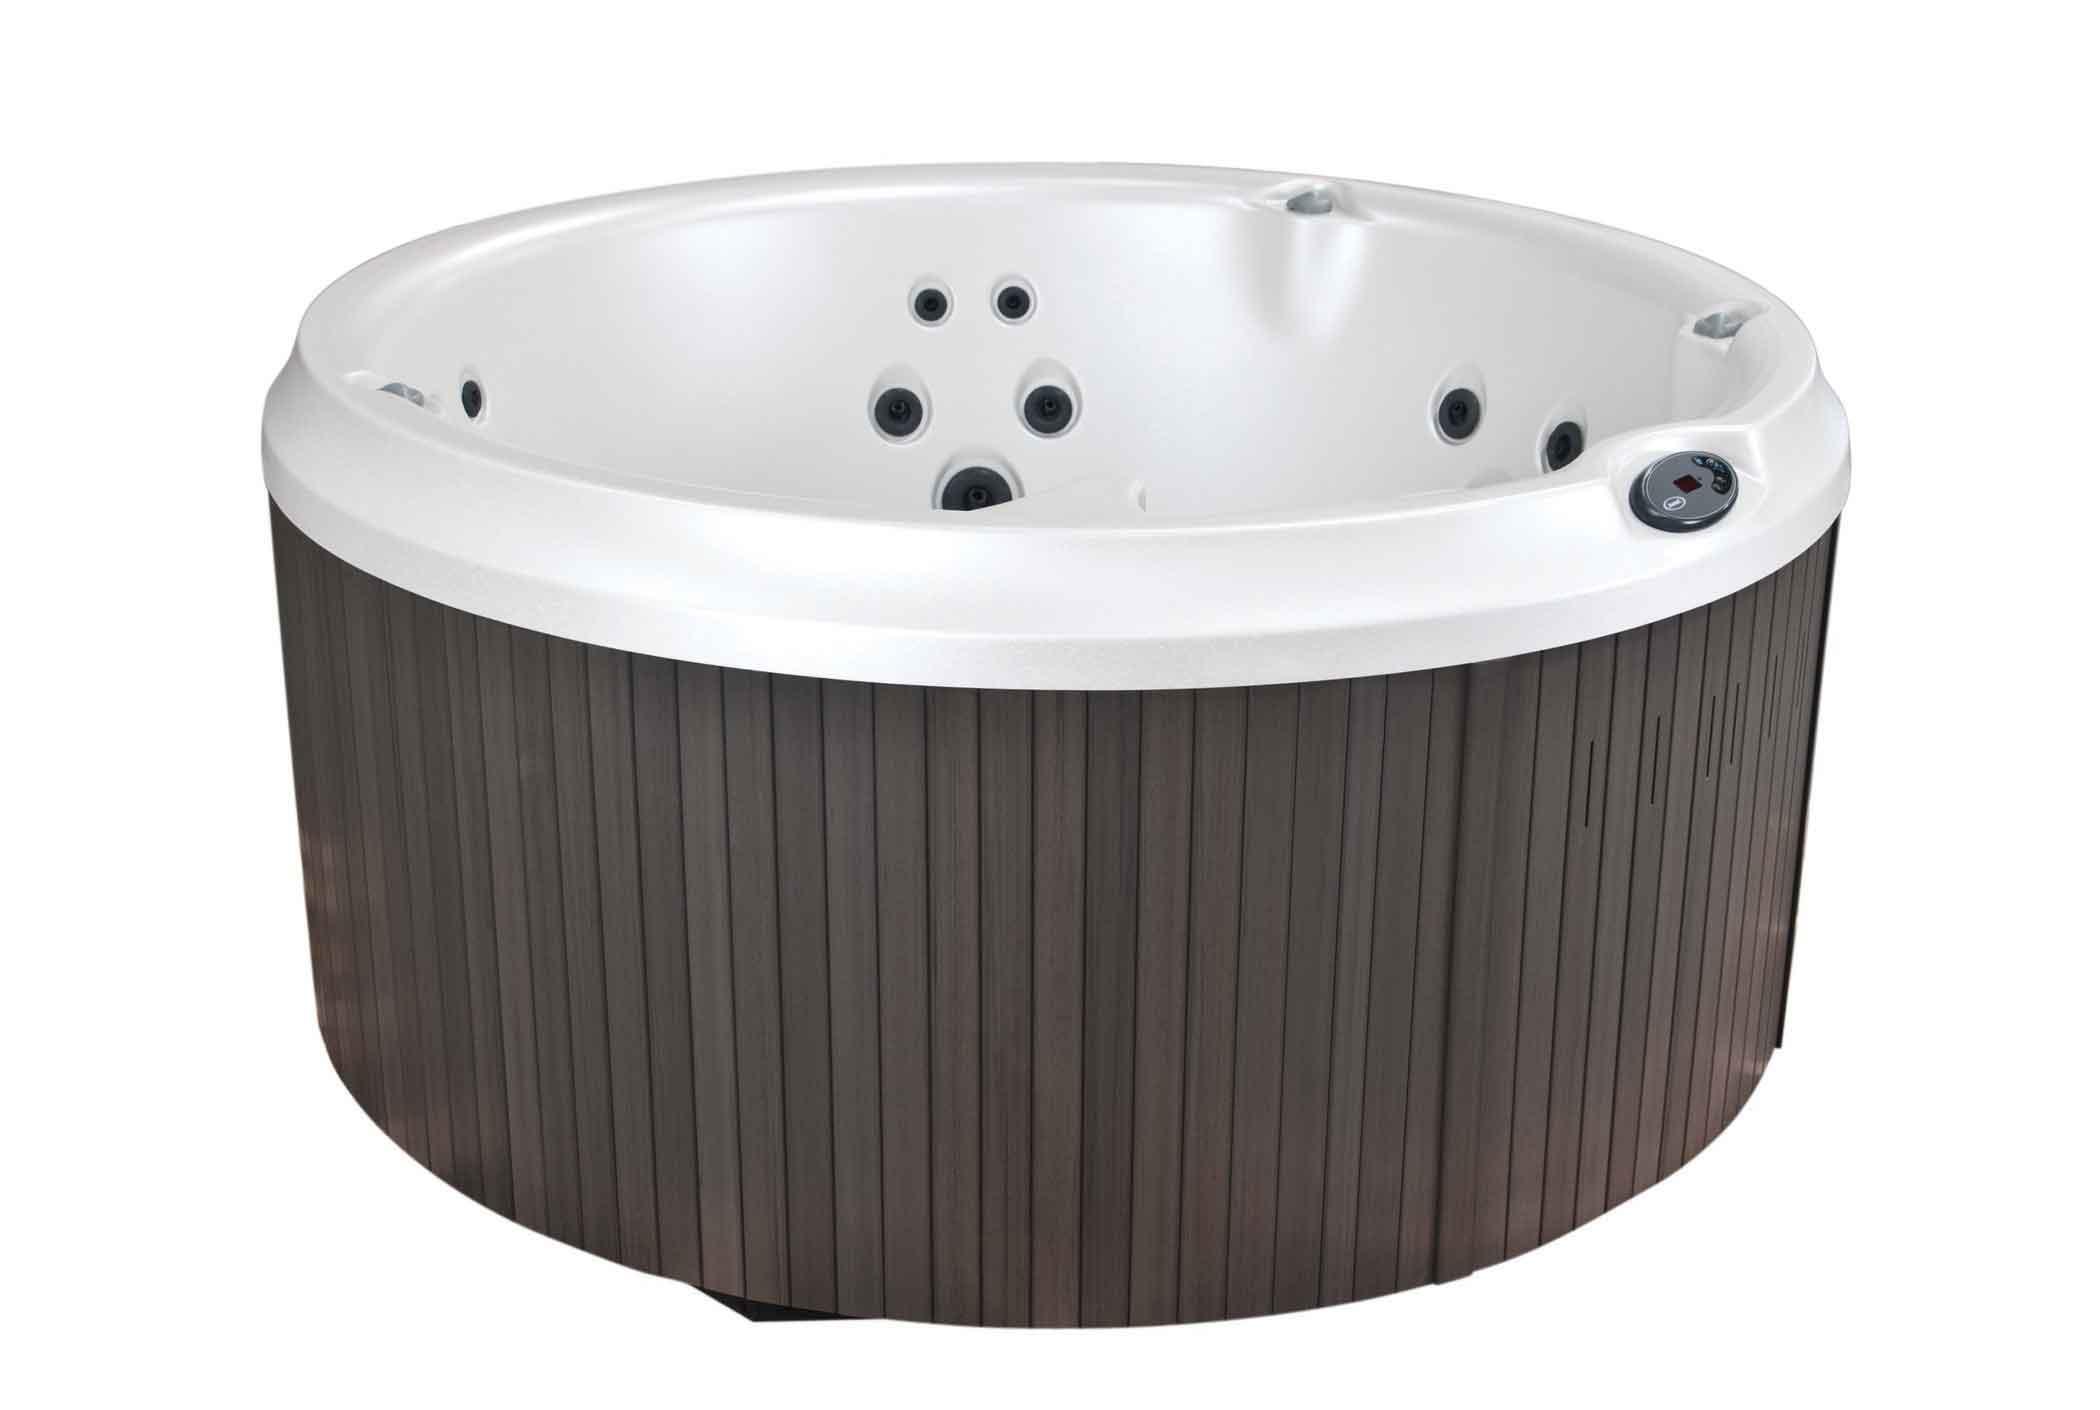 J-210™ hot tub